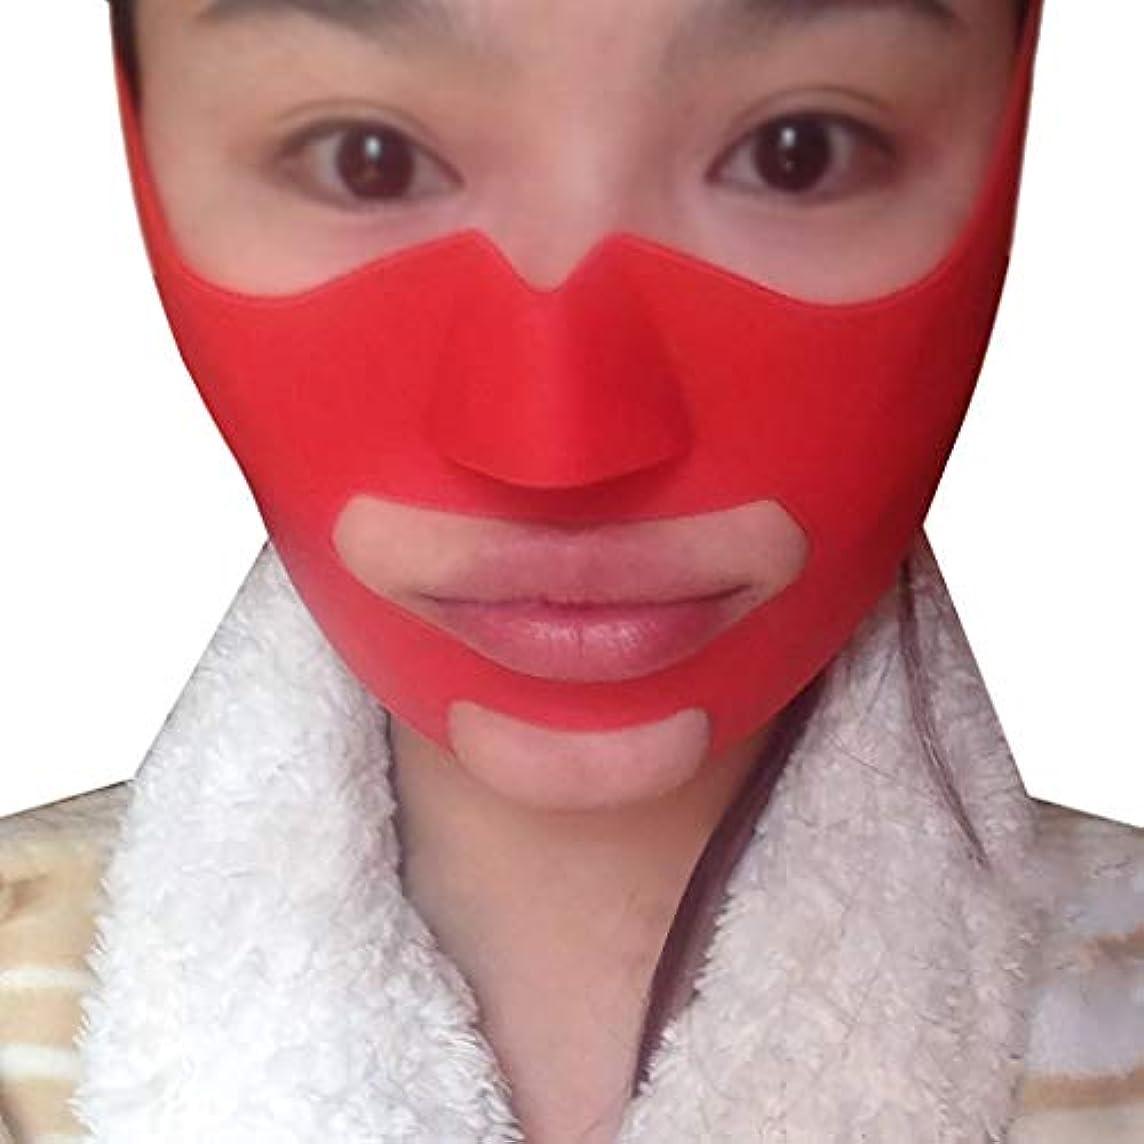 気になる解明テントTLMY 薄いフェイスマスクシリコーンVマスクマスク強い痩身咬合筋肉トレーナーアップル筋肉法令パターンアーティファクト小さなVフェイス包帯薄いフェイスネックリフト 顔用整形マスク